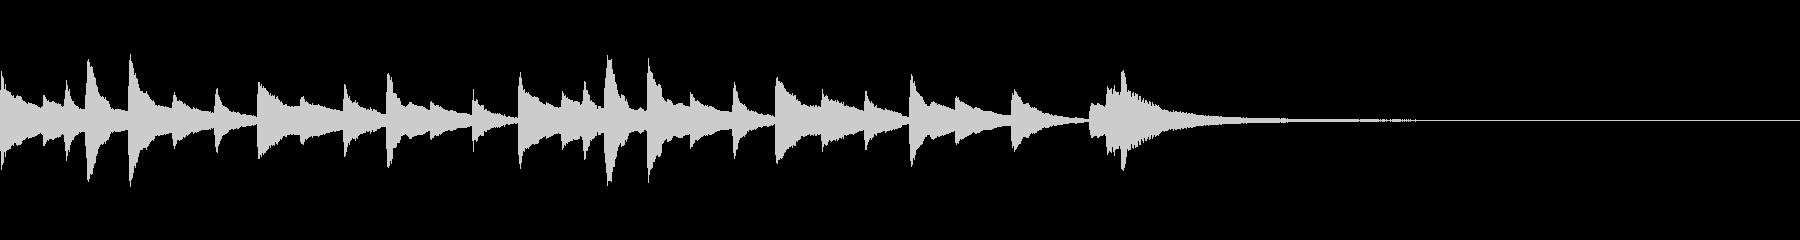 切ないピアノのジングル7の未再生の波形